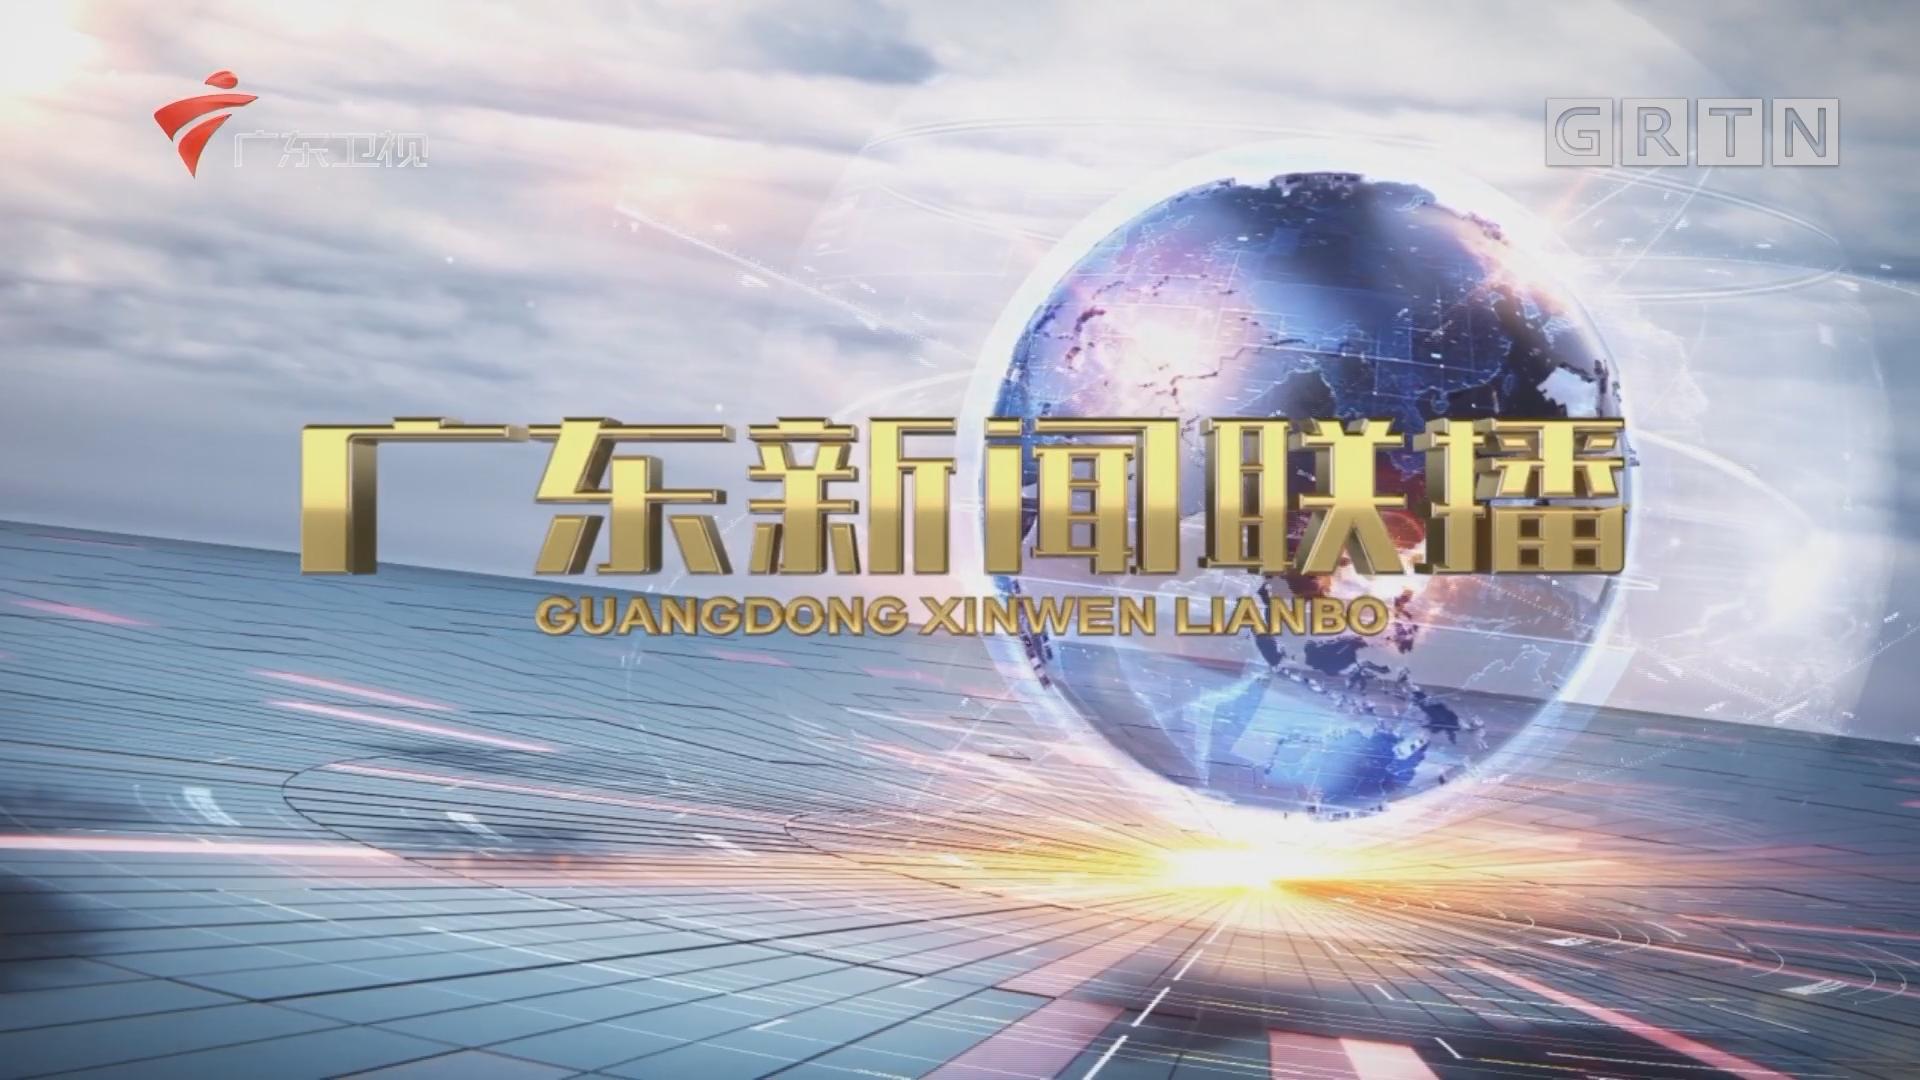 [HD][2019-09-07]广东新闻联播:李希到深圳调研 以勇于担当的责任感时不我待的紧迫感 全力以赴推进先行示范区建设